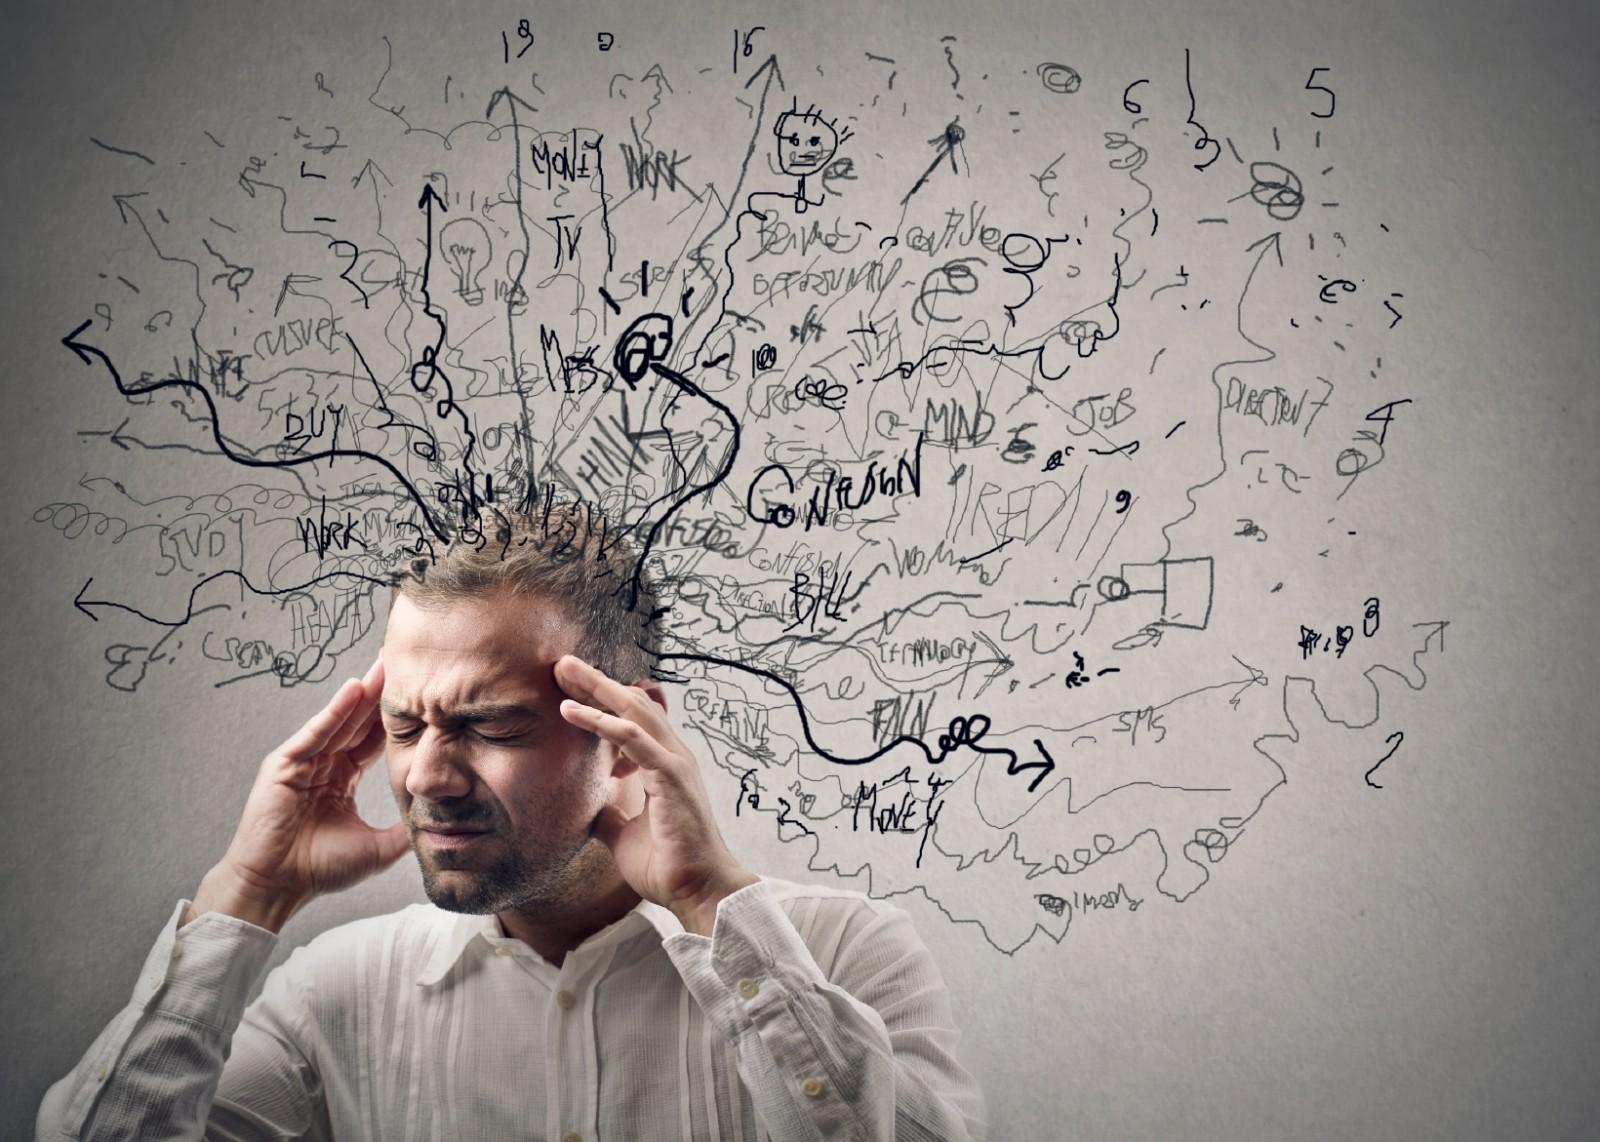 6 идей, которые помогут вам превратить трудный день в продуктивный